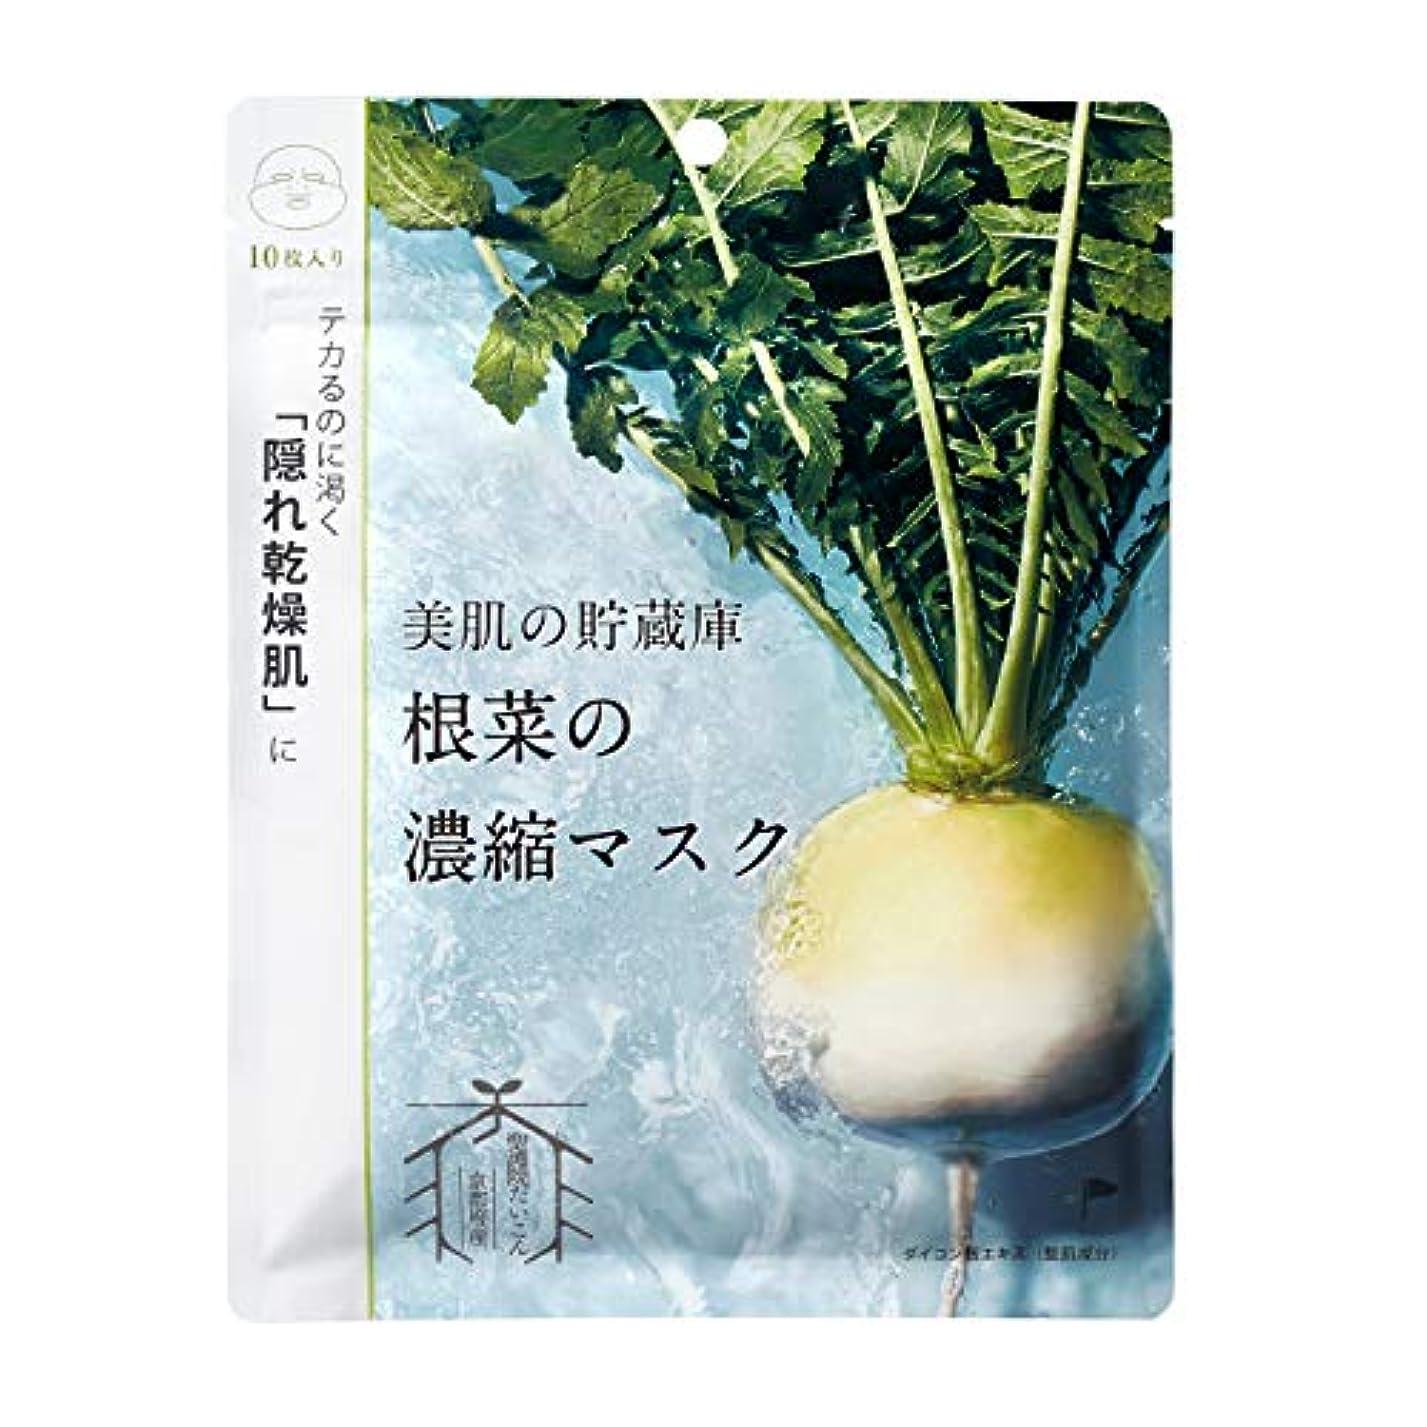 ミネラル支援する崇拝します@cosme nippon 美肌の貯蔵庫 根菜の濃縮マスク 聖護院だいこん 10枚入 148ml